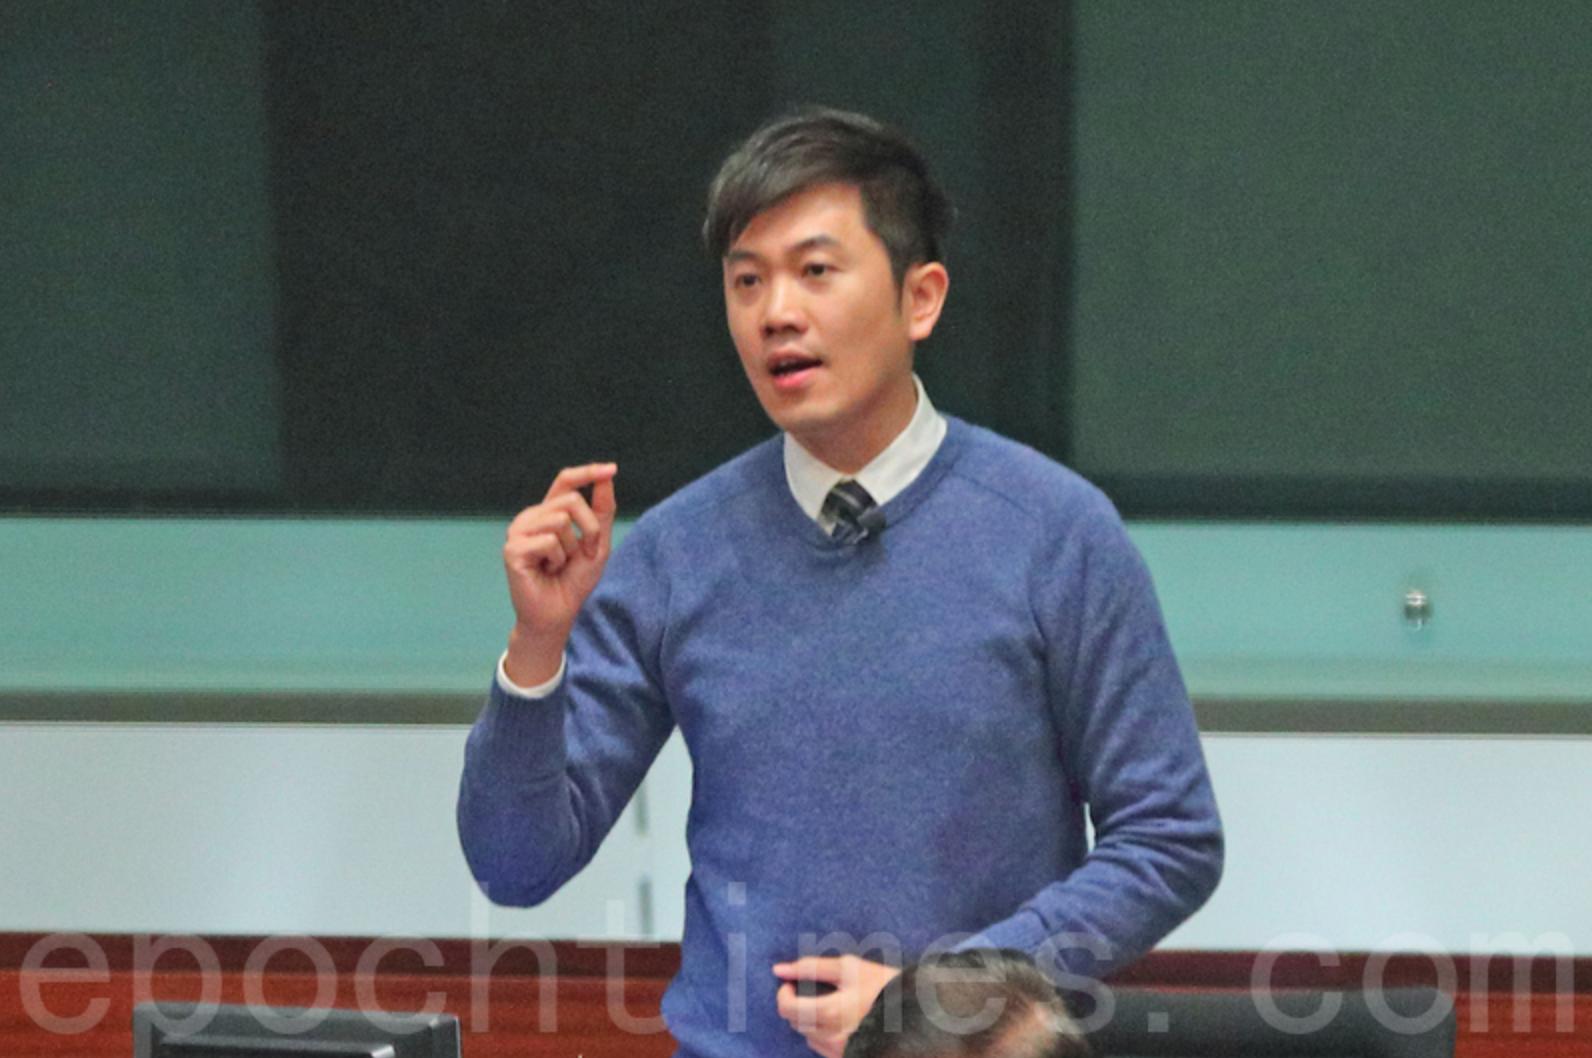 熱血公民主席、立法會議員鄭松泰。(大紀元資料圖片)